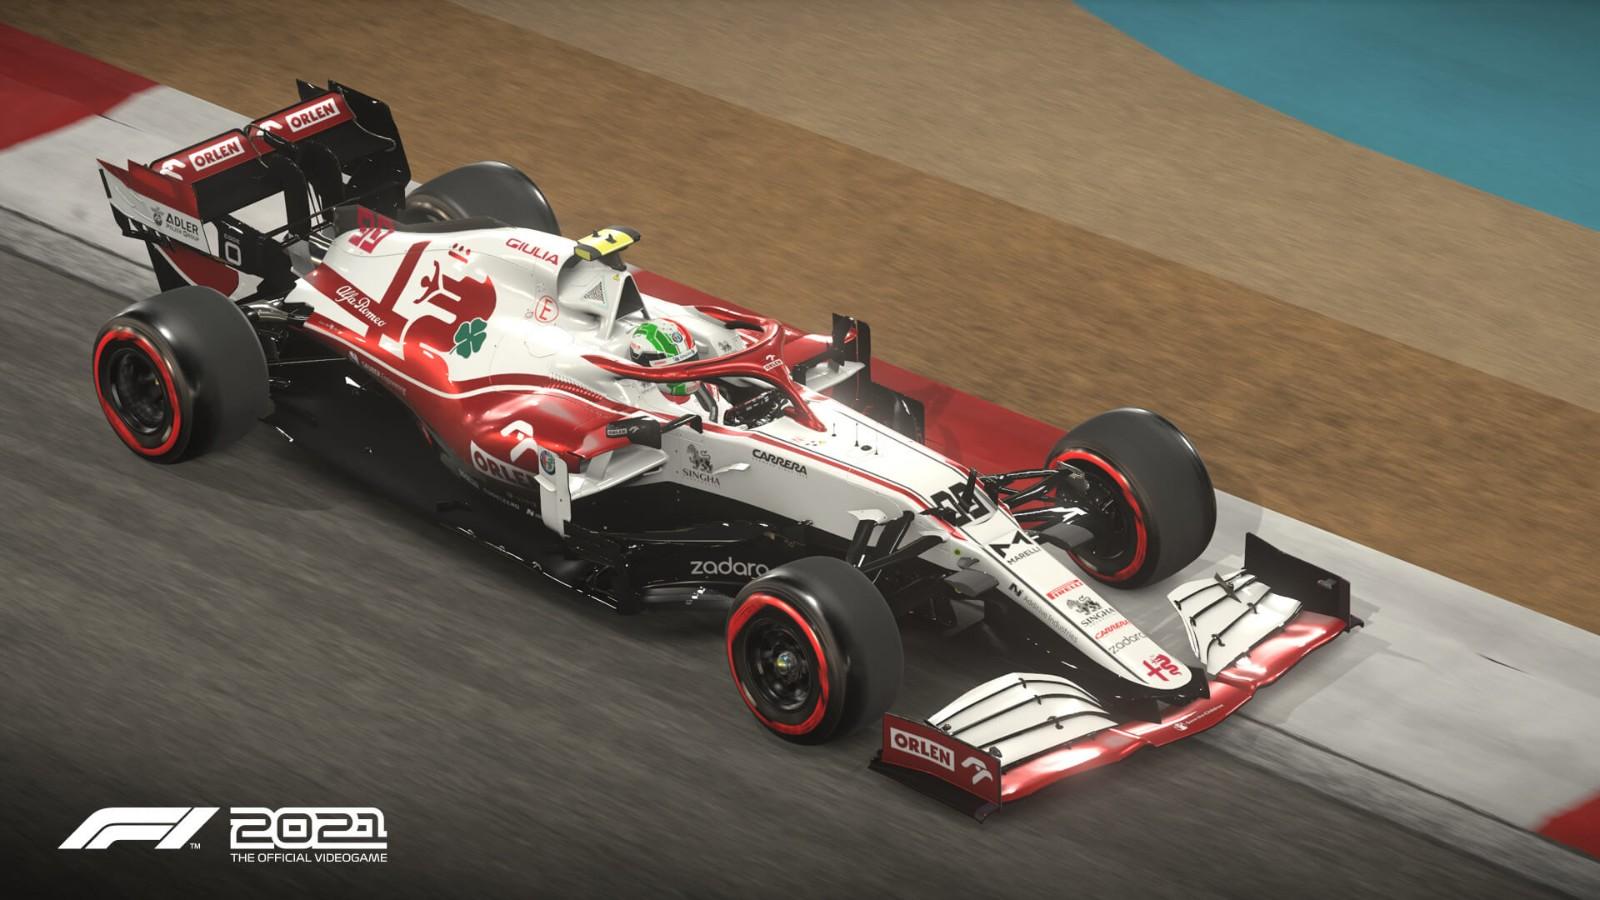 《F1 2021》首批截图发布 7月16日正式发售